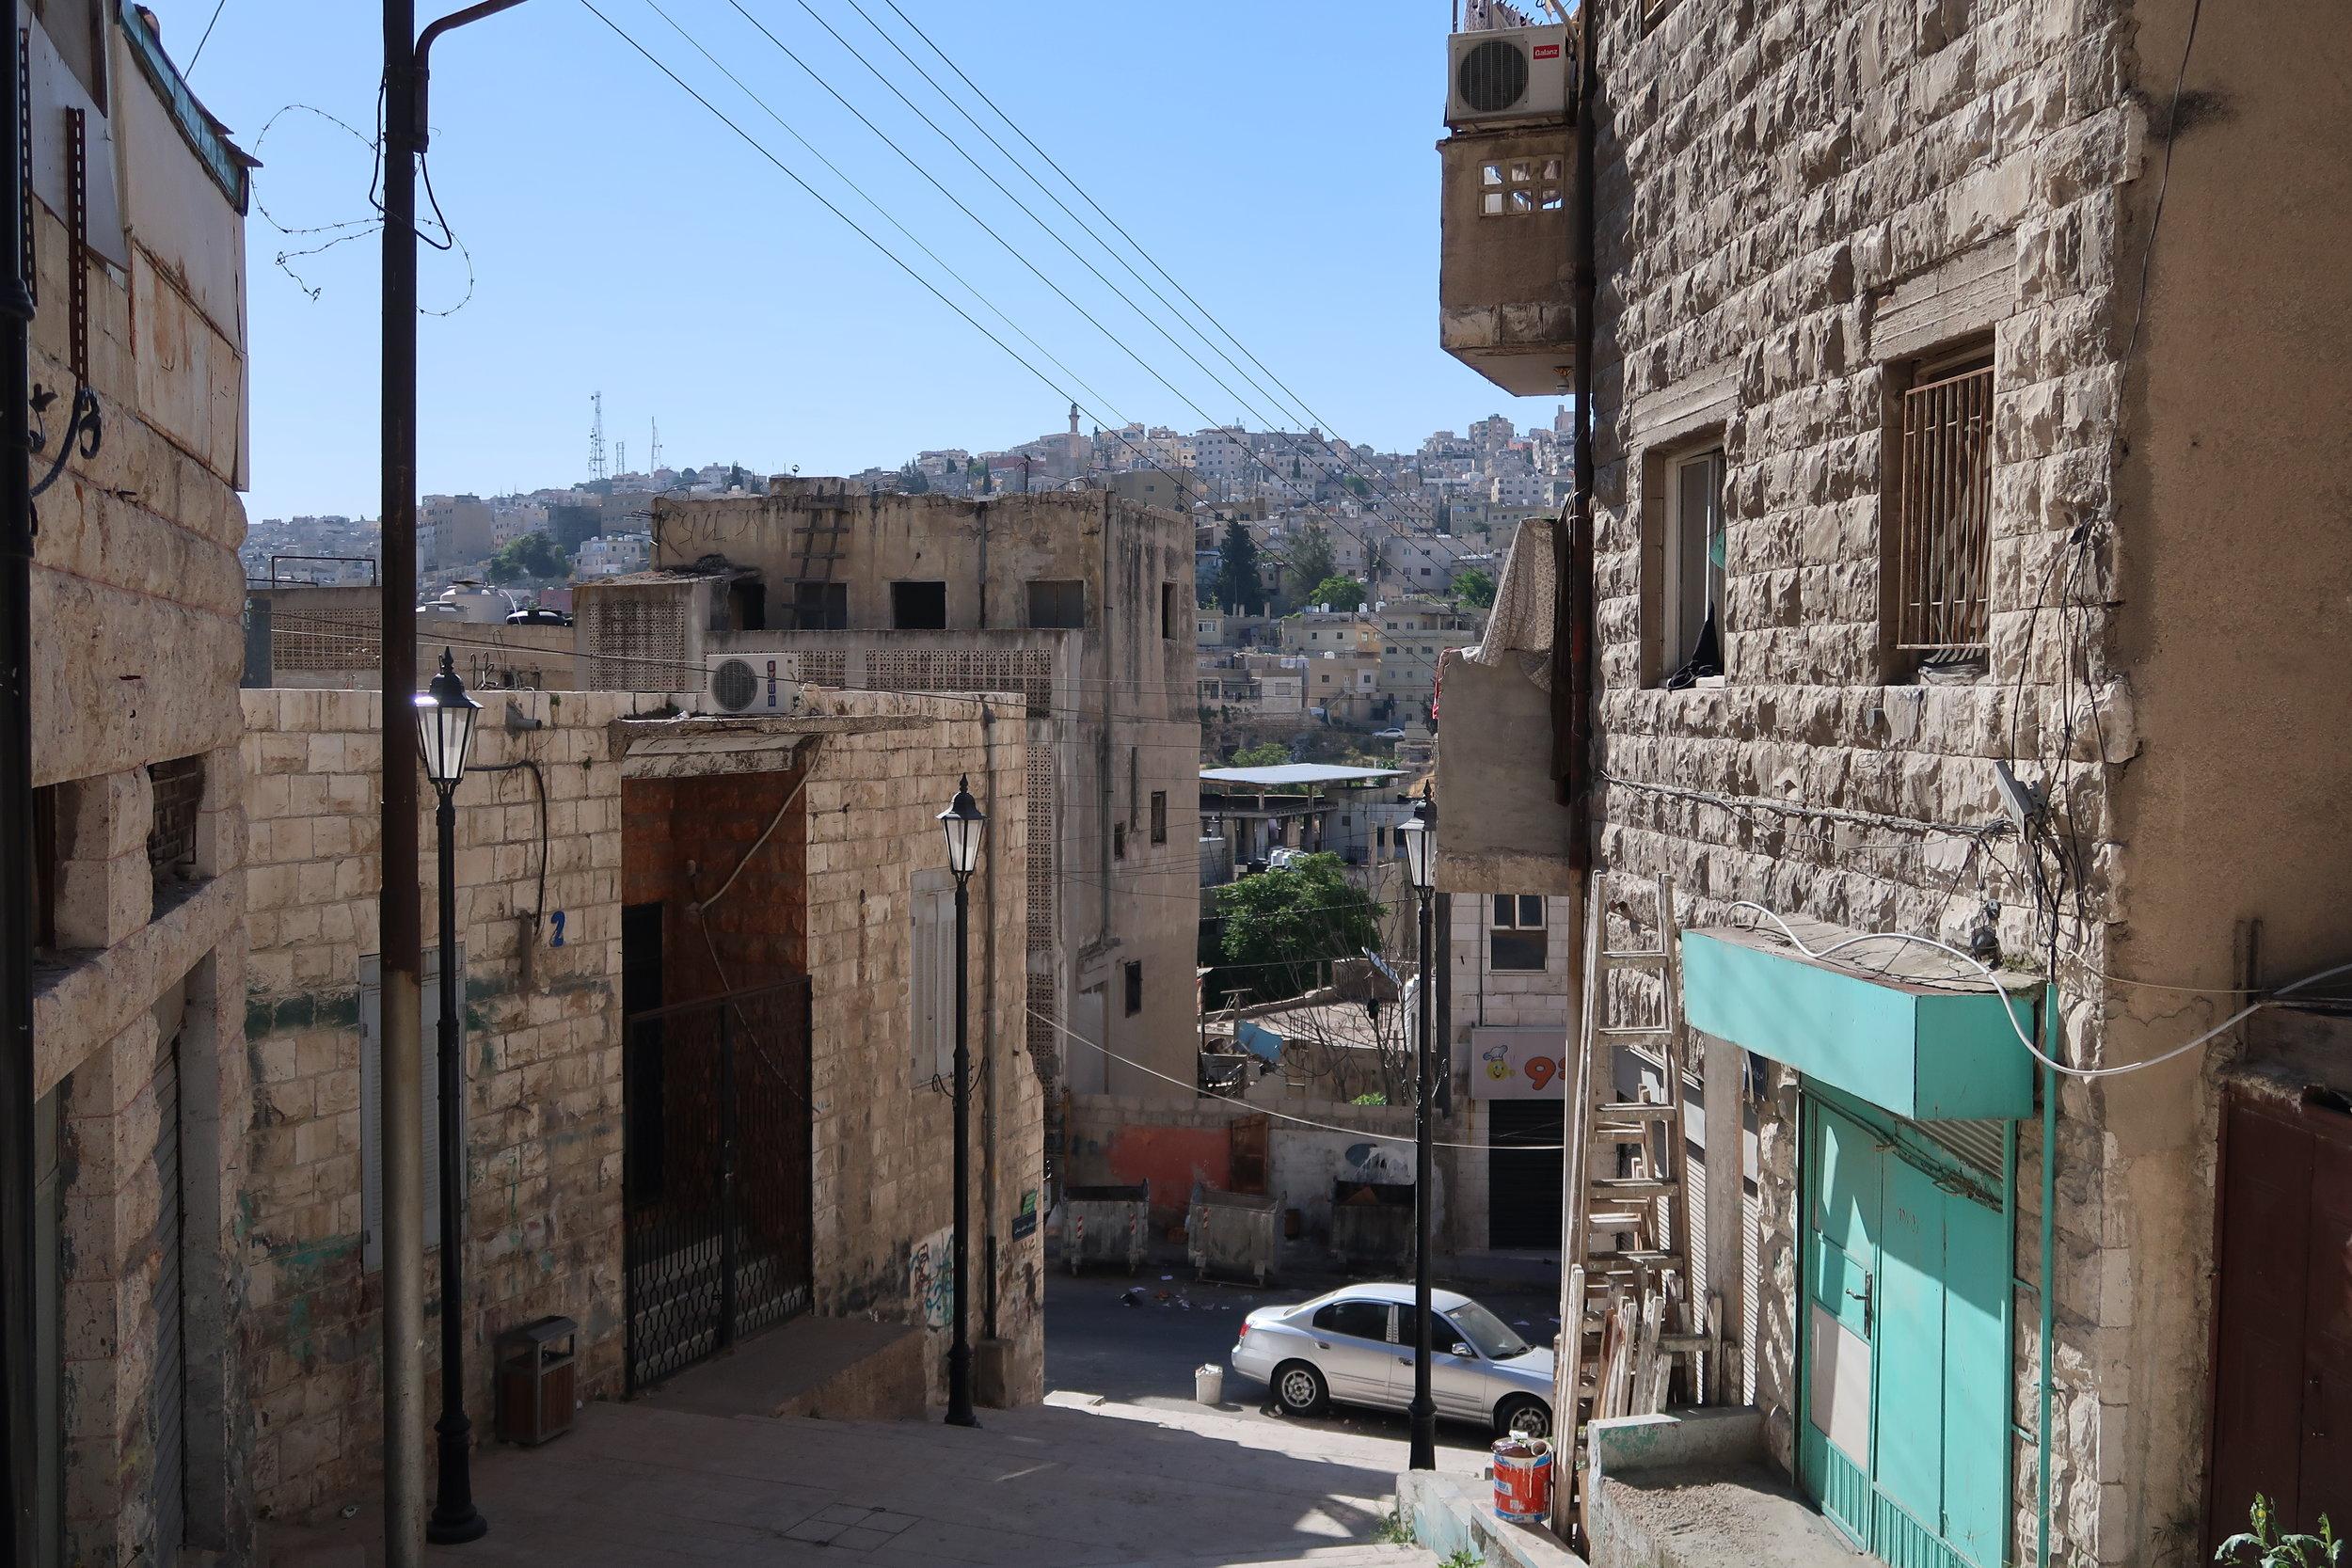 upsouth-mingmingfeng-jordan-travel-amman-day2-old-town-03.JPG